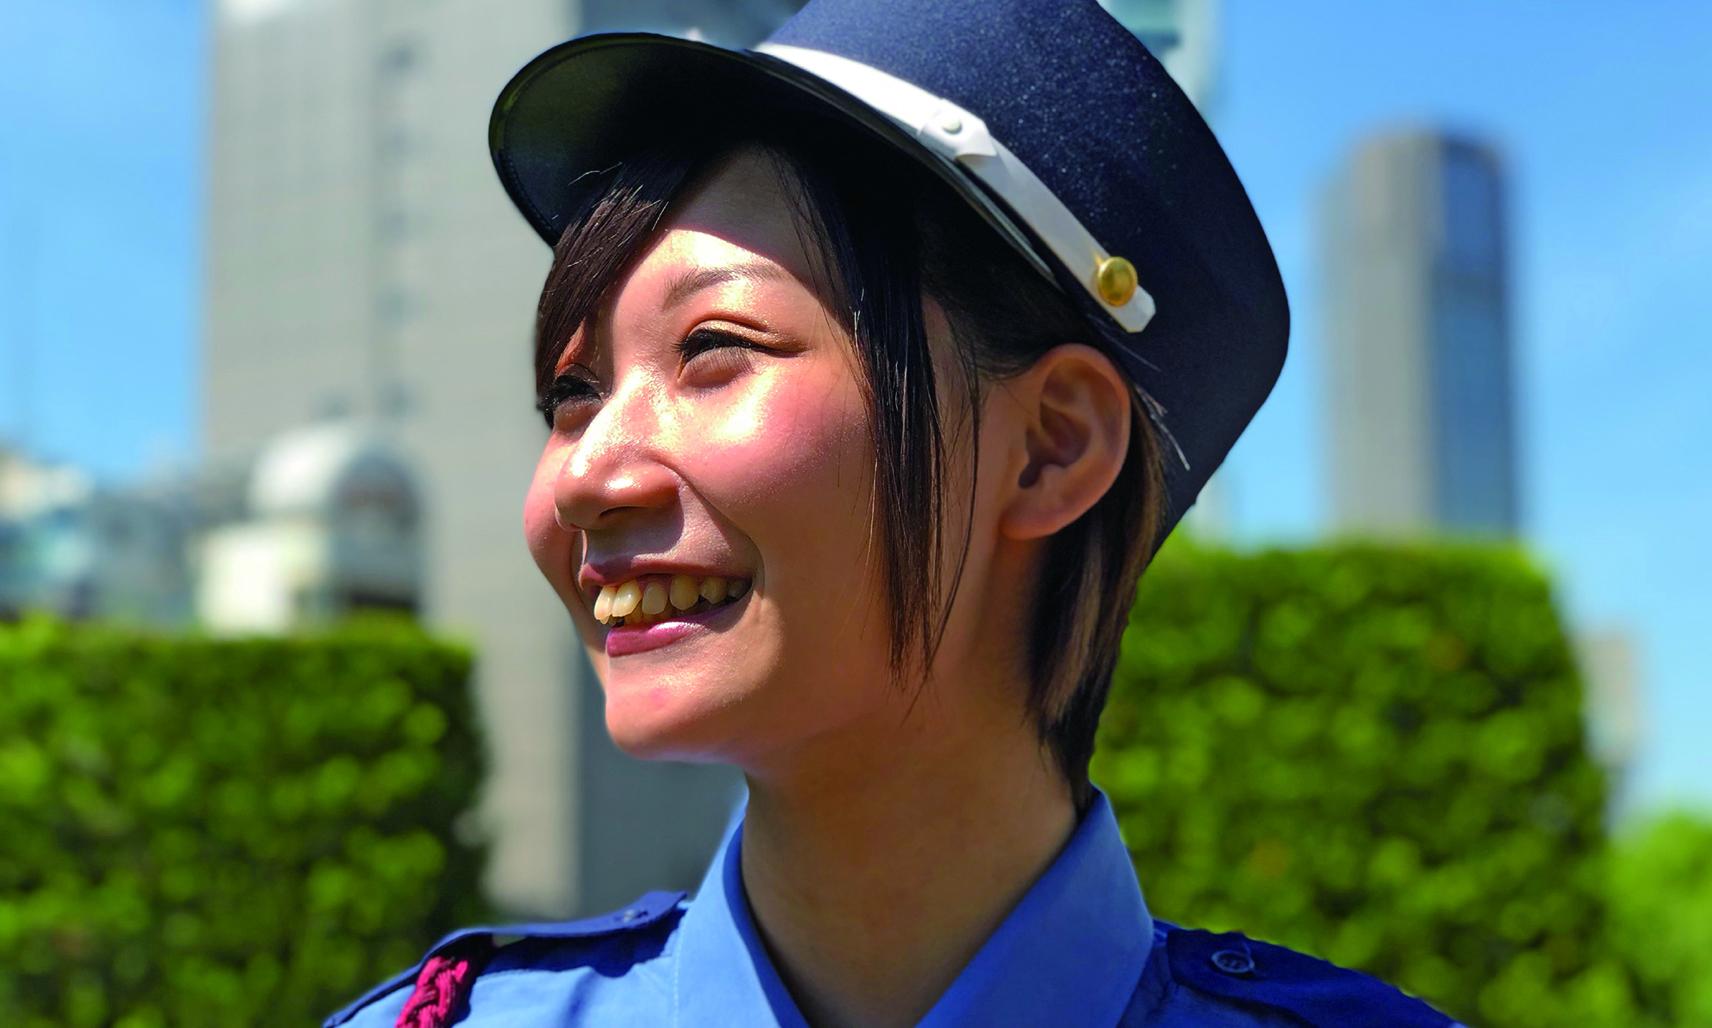 【警備女性正社員】月給23万円◆ポジティブアクション◆西大井での施設警備◆